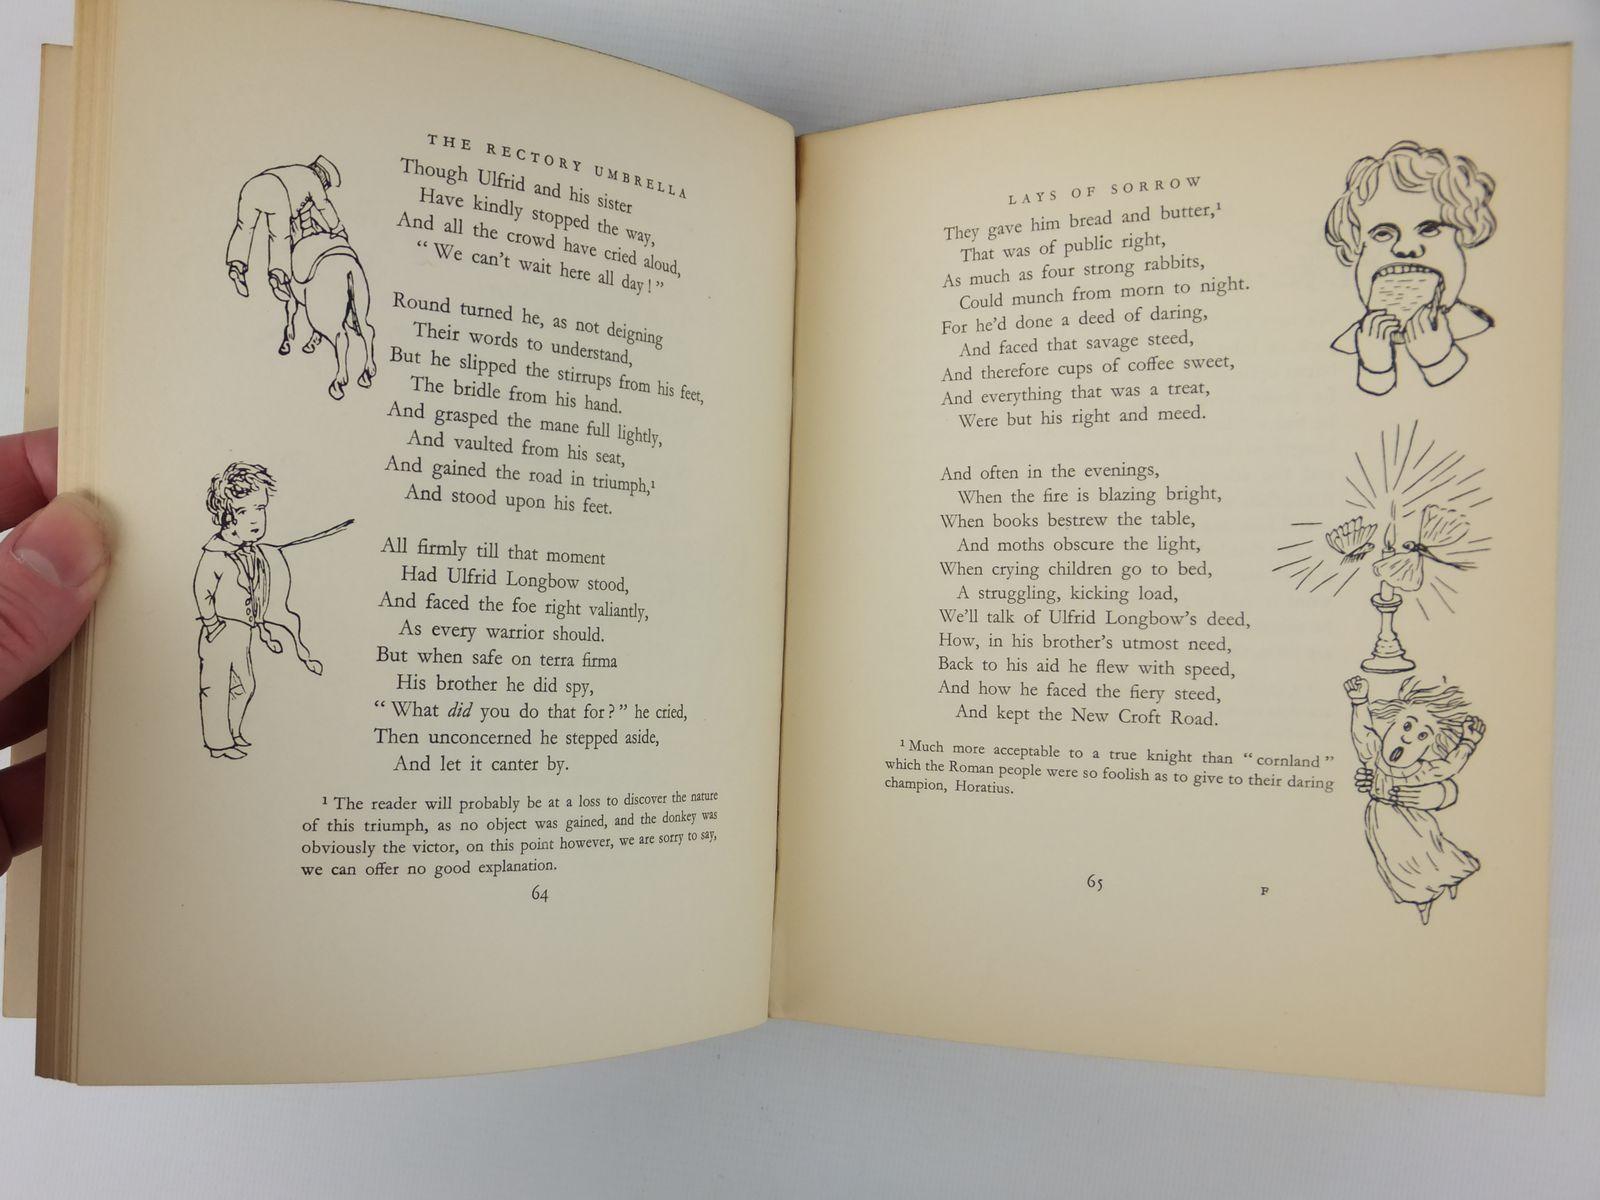 THE RECTORY UMBRELLA AND MISCHMASCH written by Carroll